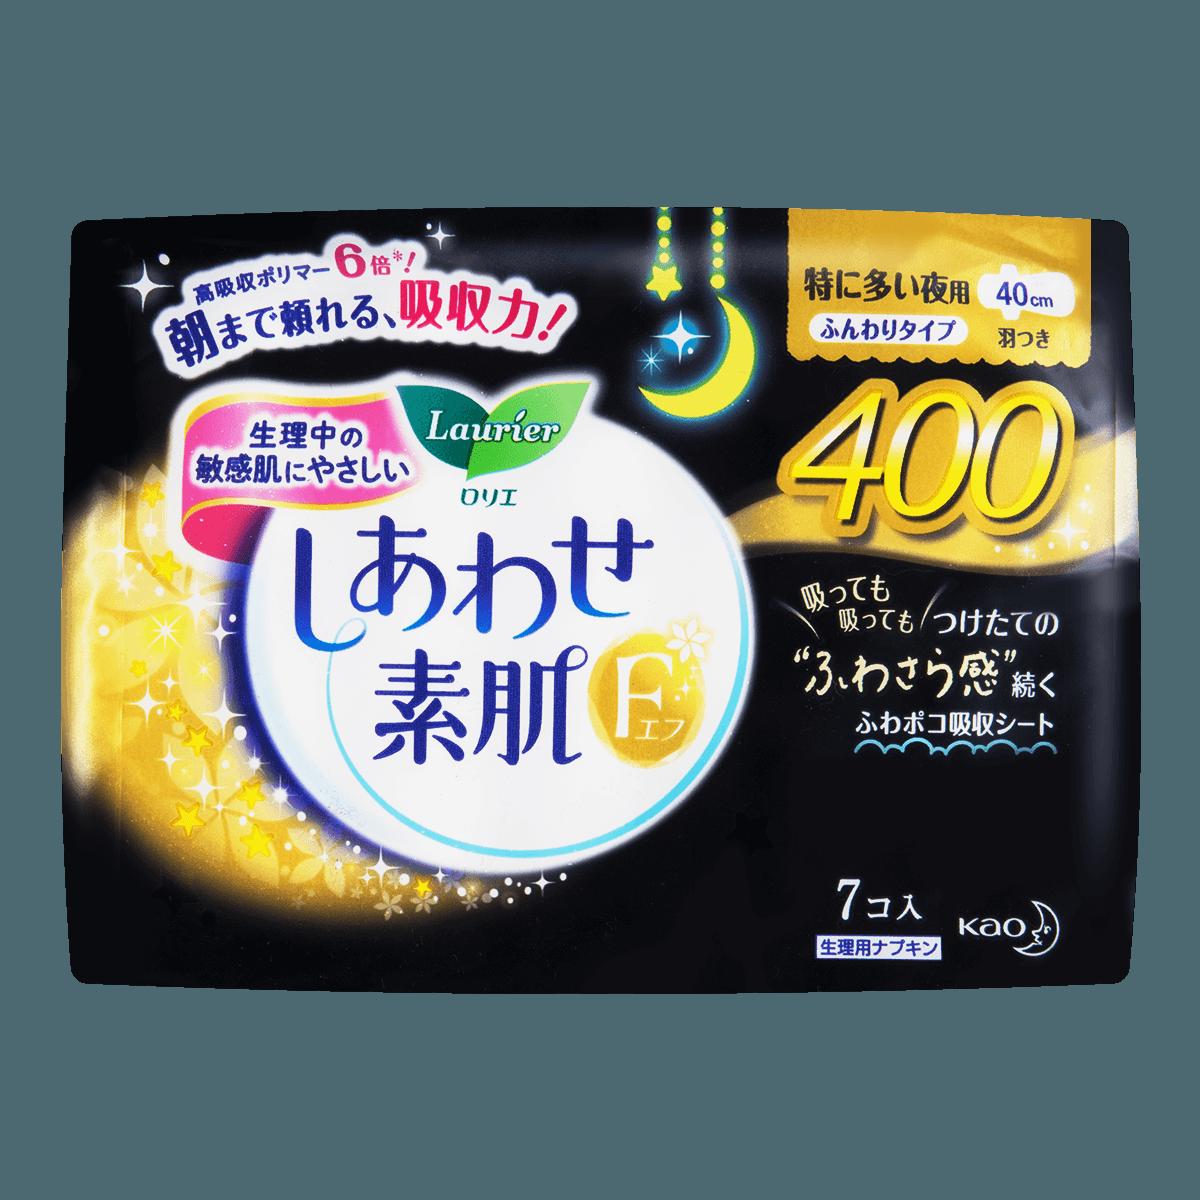 日本KAO花王 LAURIER乐而雅 F系列 超长量多超薄棉柔卫生巾 夜用护翼型 40cm 7片入